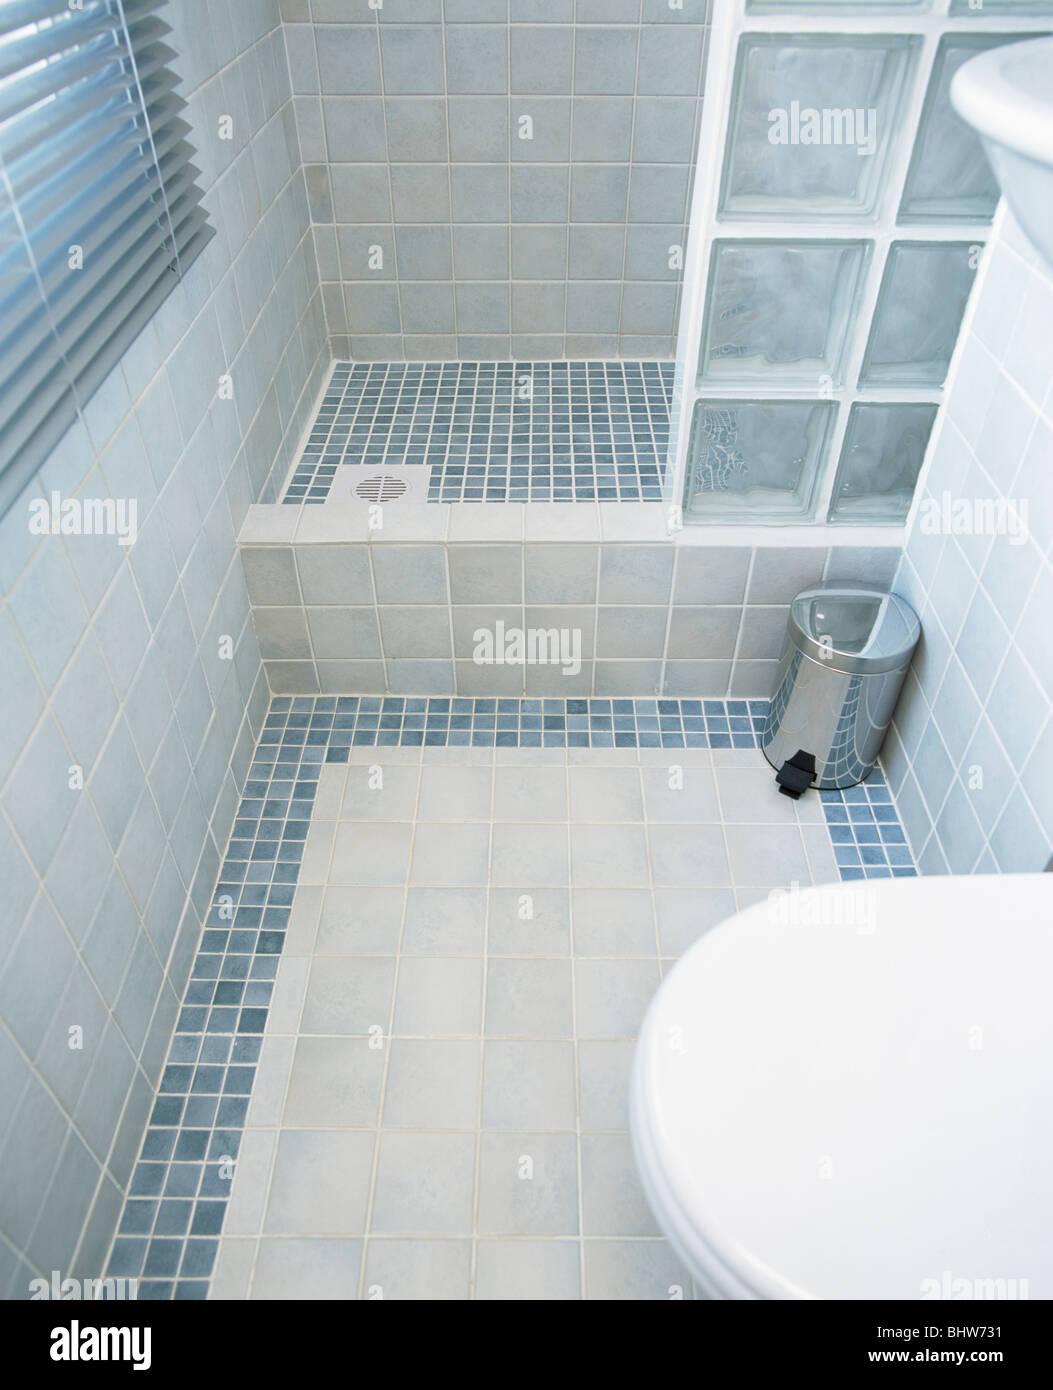 Moderne Badezimmer Mit Glas Duschwand Und Blauen Mosaik Gefliesten Boden